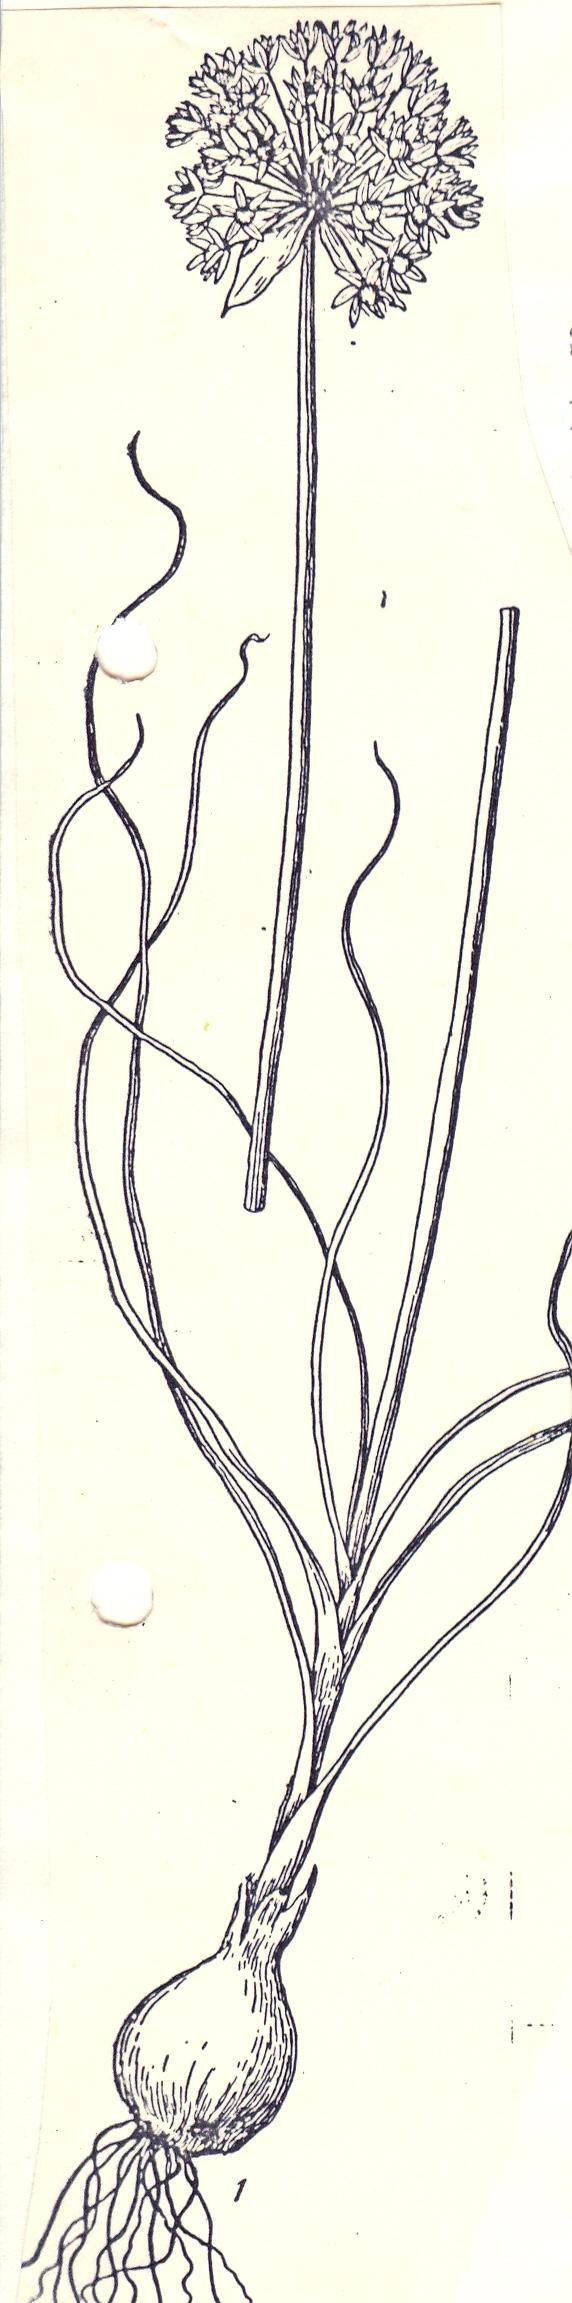 Allium%20insufficiens.jpg